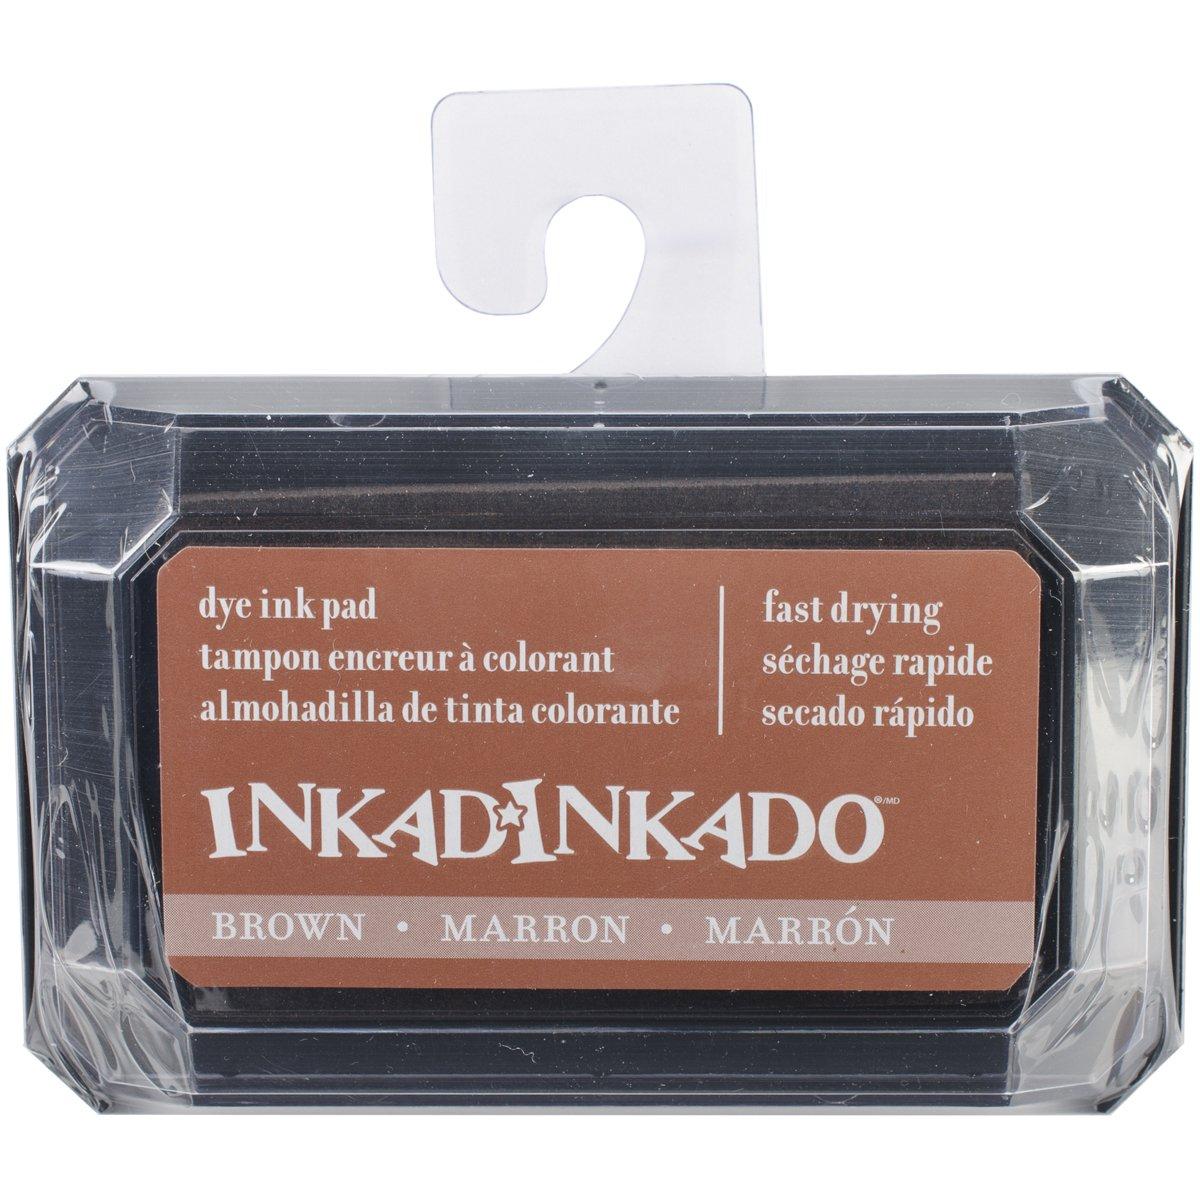 Unbekannt Inkadinkado Dye Tinte Pad, 3,75 3,75 3,75 von 2,5, Braun B00QY1K65S   Üppiges Design    Louis, ausführlich    Sonderangebot  f3d745